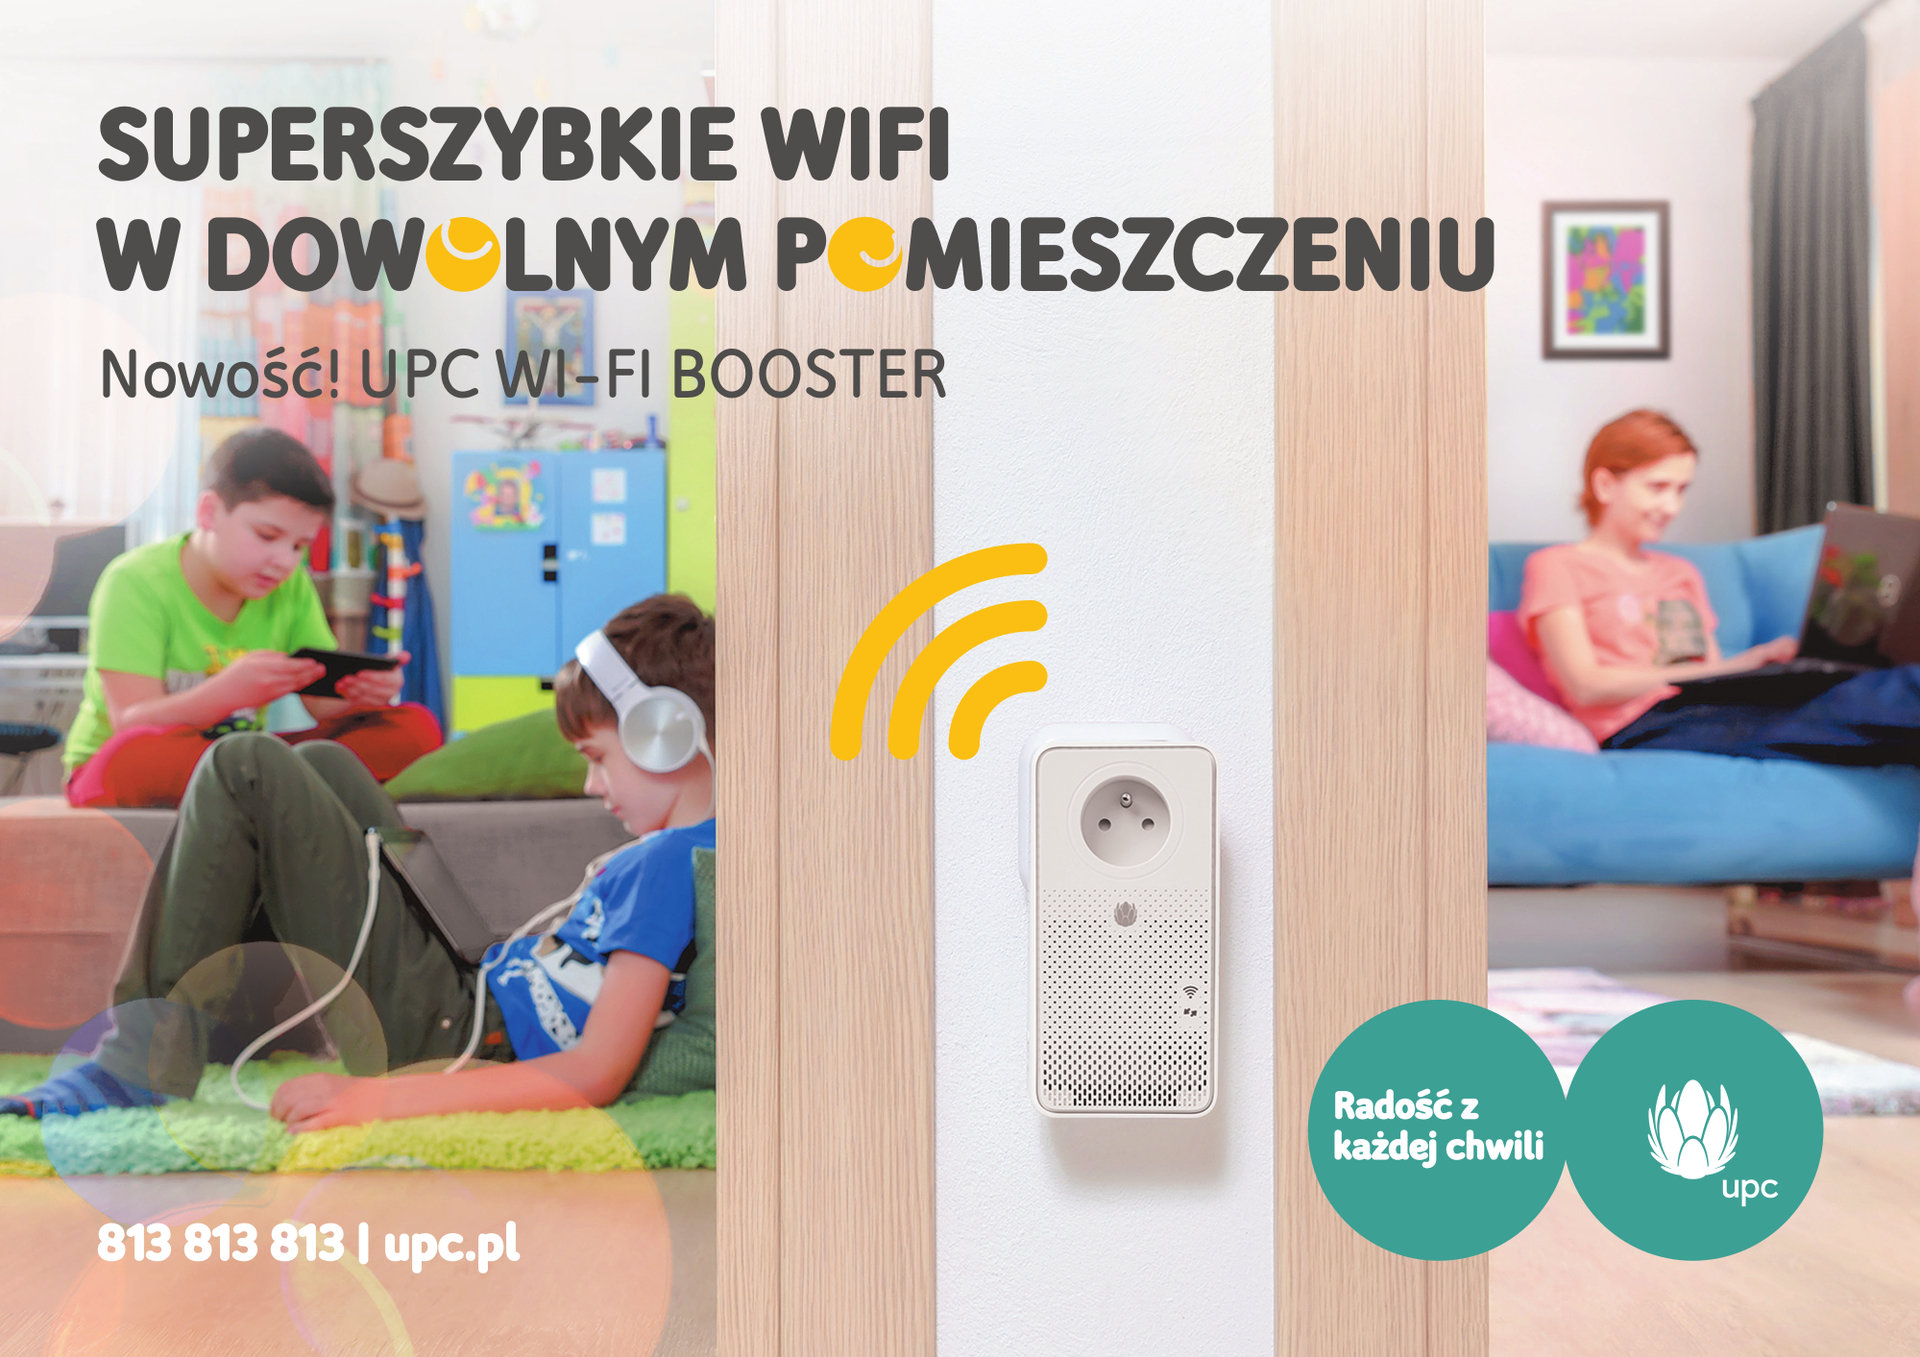 UPC Polska dołącza do swojej oferty boostery – urządzenia do zwiększania zasięgu WiFi w dużym mieszkaniu i domu